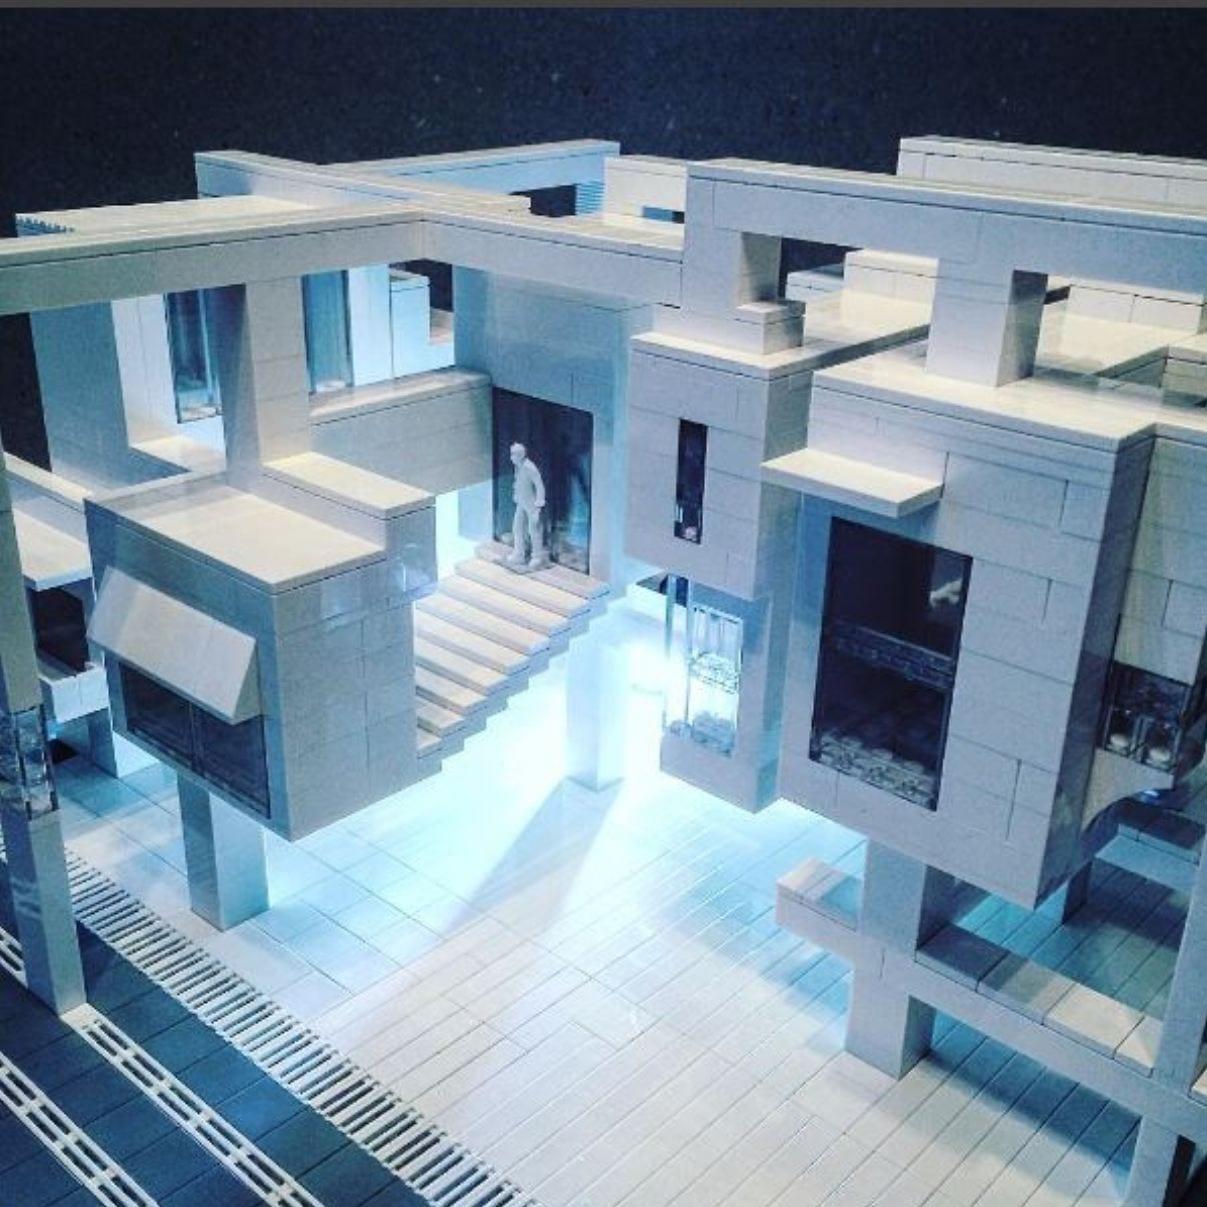 Arquitectura de Lego 6